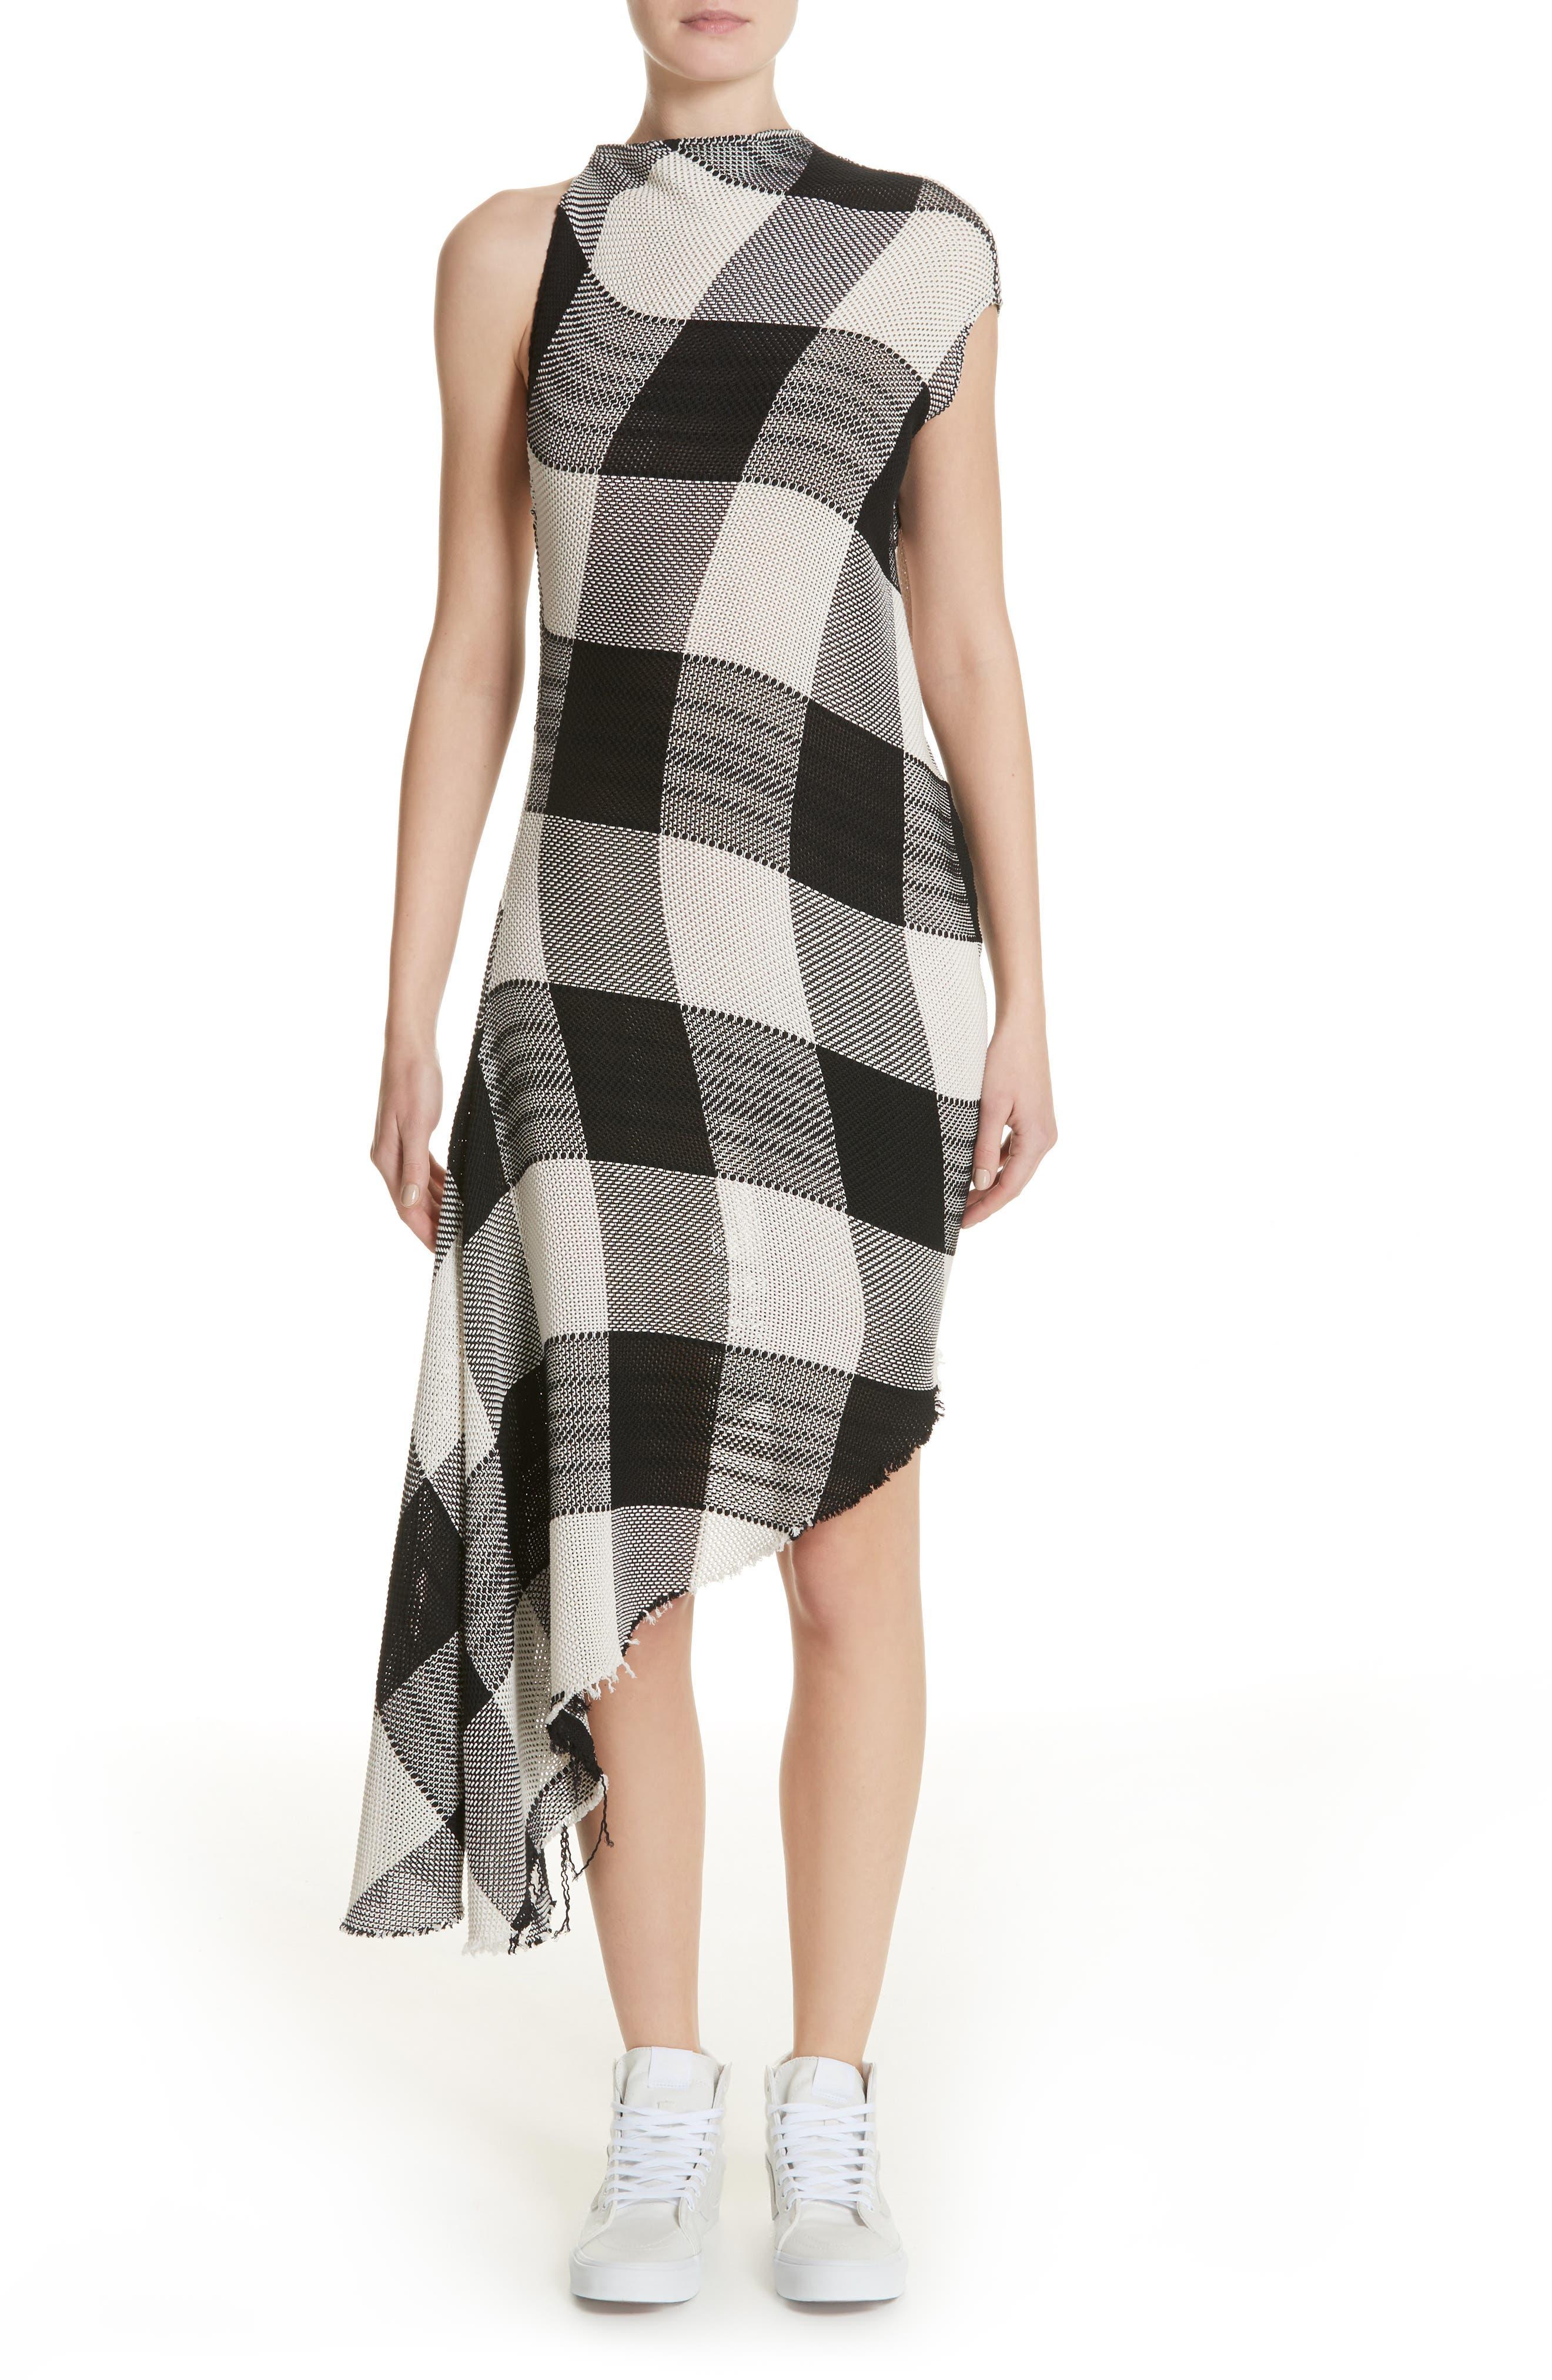 Marques'Almeida Asymmetrical Gingham Sheath Dress,                             Main thumbnail 1, color,                             Black/White